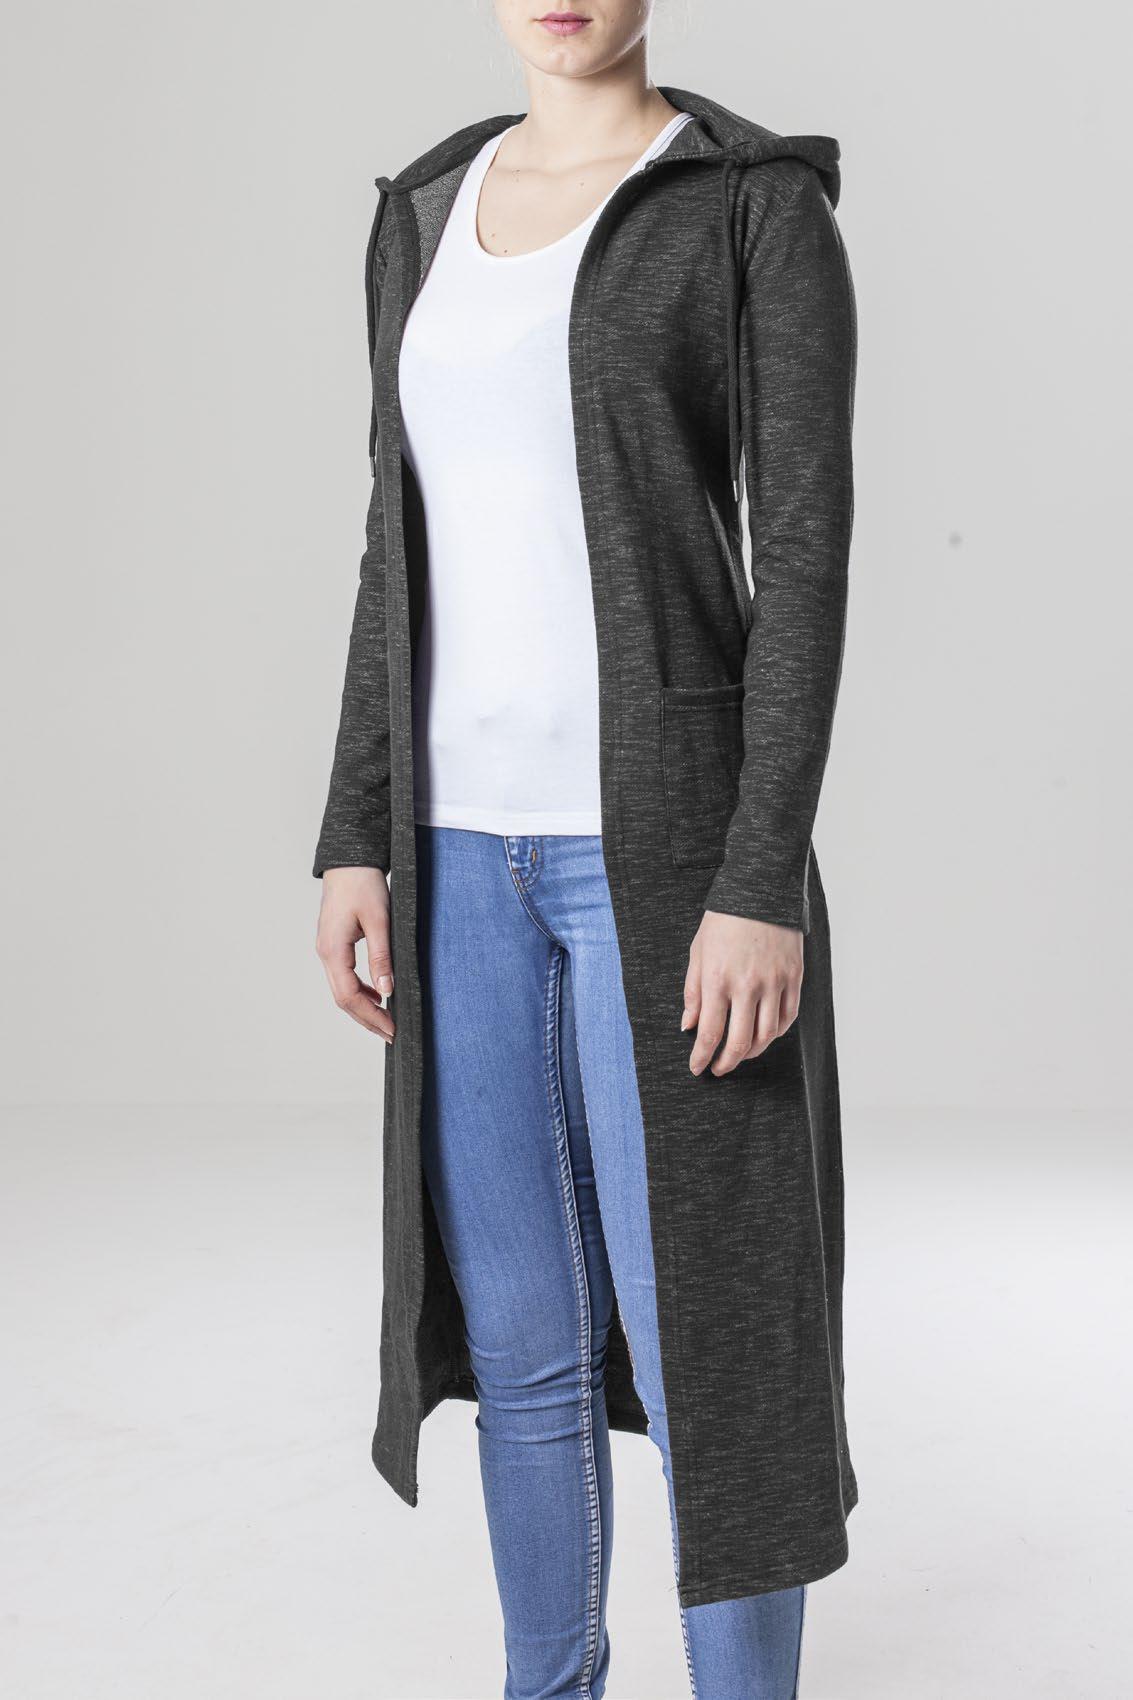 Ladies Space Dye Hooded Cardigan